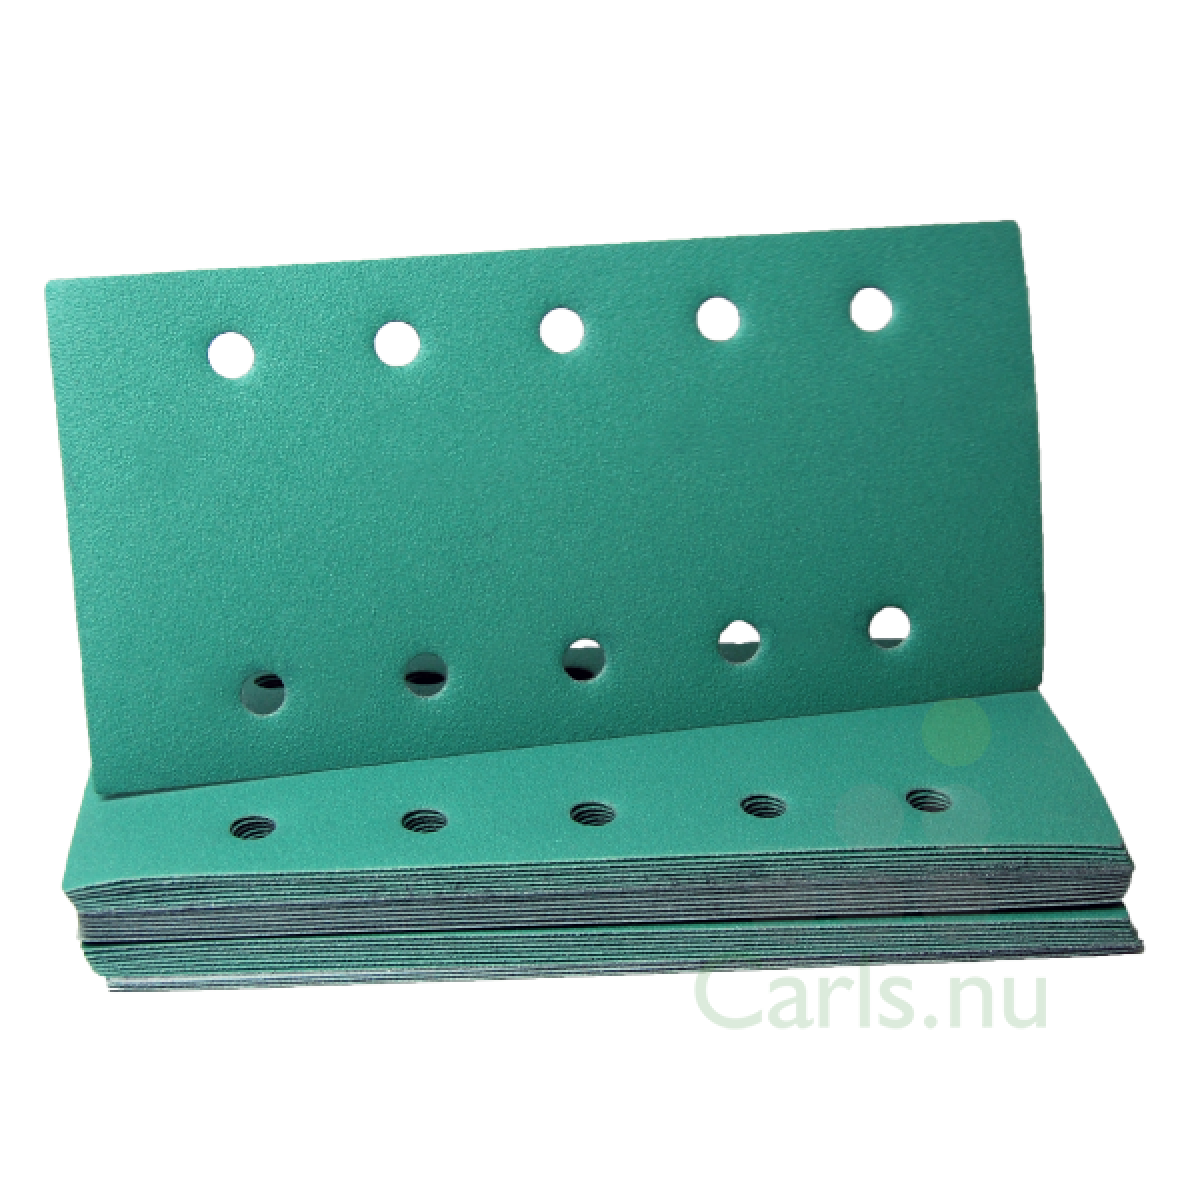 Sandpapir til rystepudser 115 x 230mm med velcro grip - 25 stk